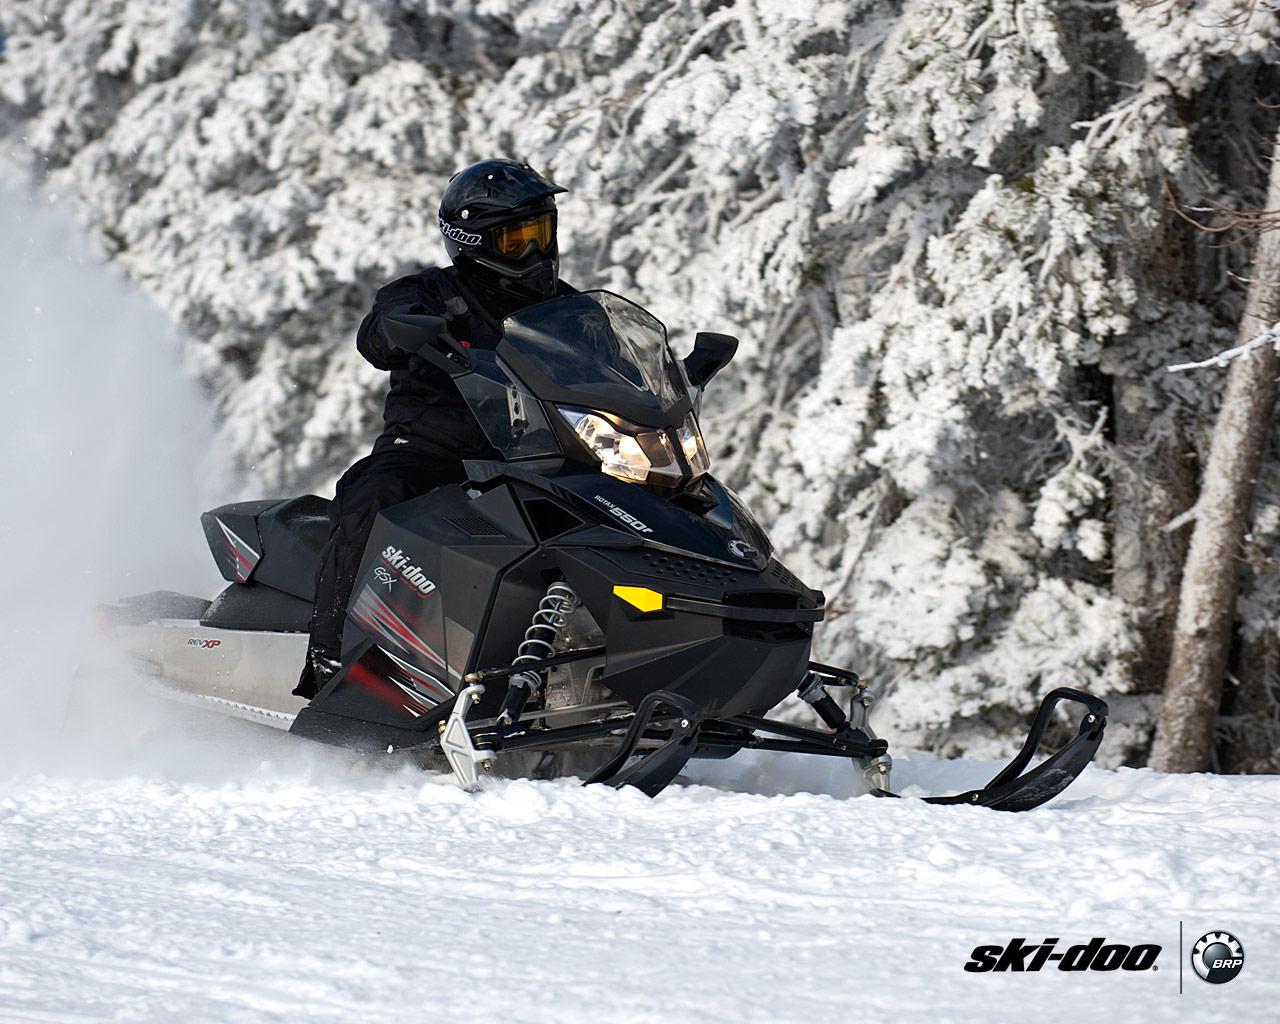 P-Dog Snowmobile Rental and Repair, Inc. image 3